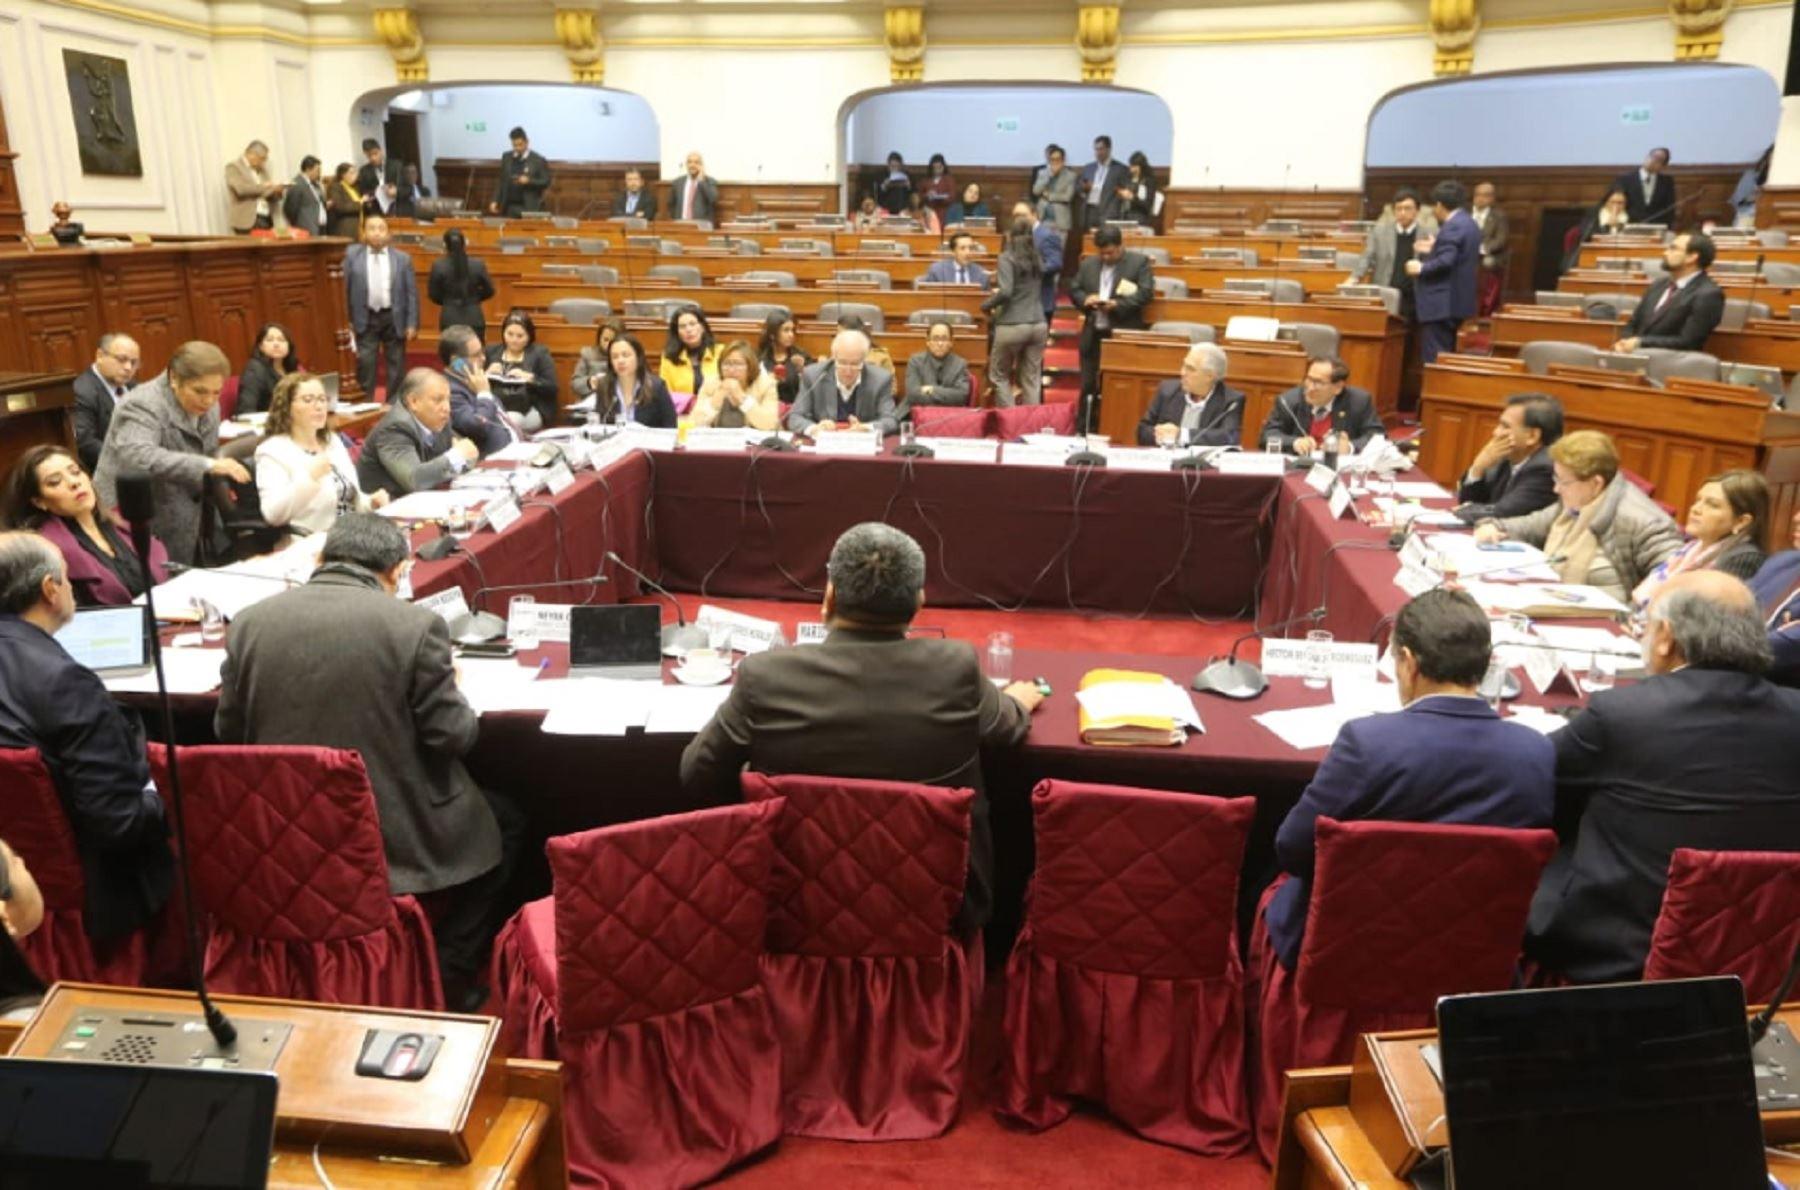 Constitución aprueba elecciones internas solo con militantes para partidos inscritos